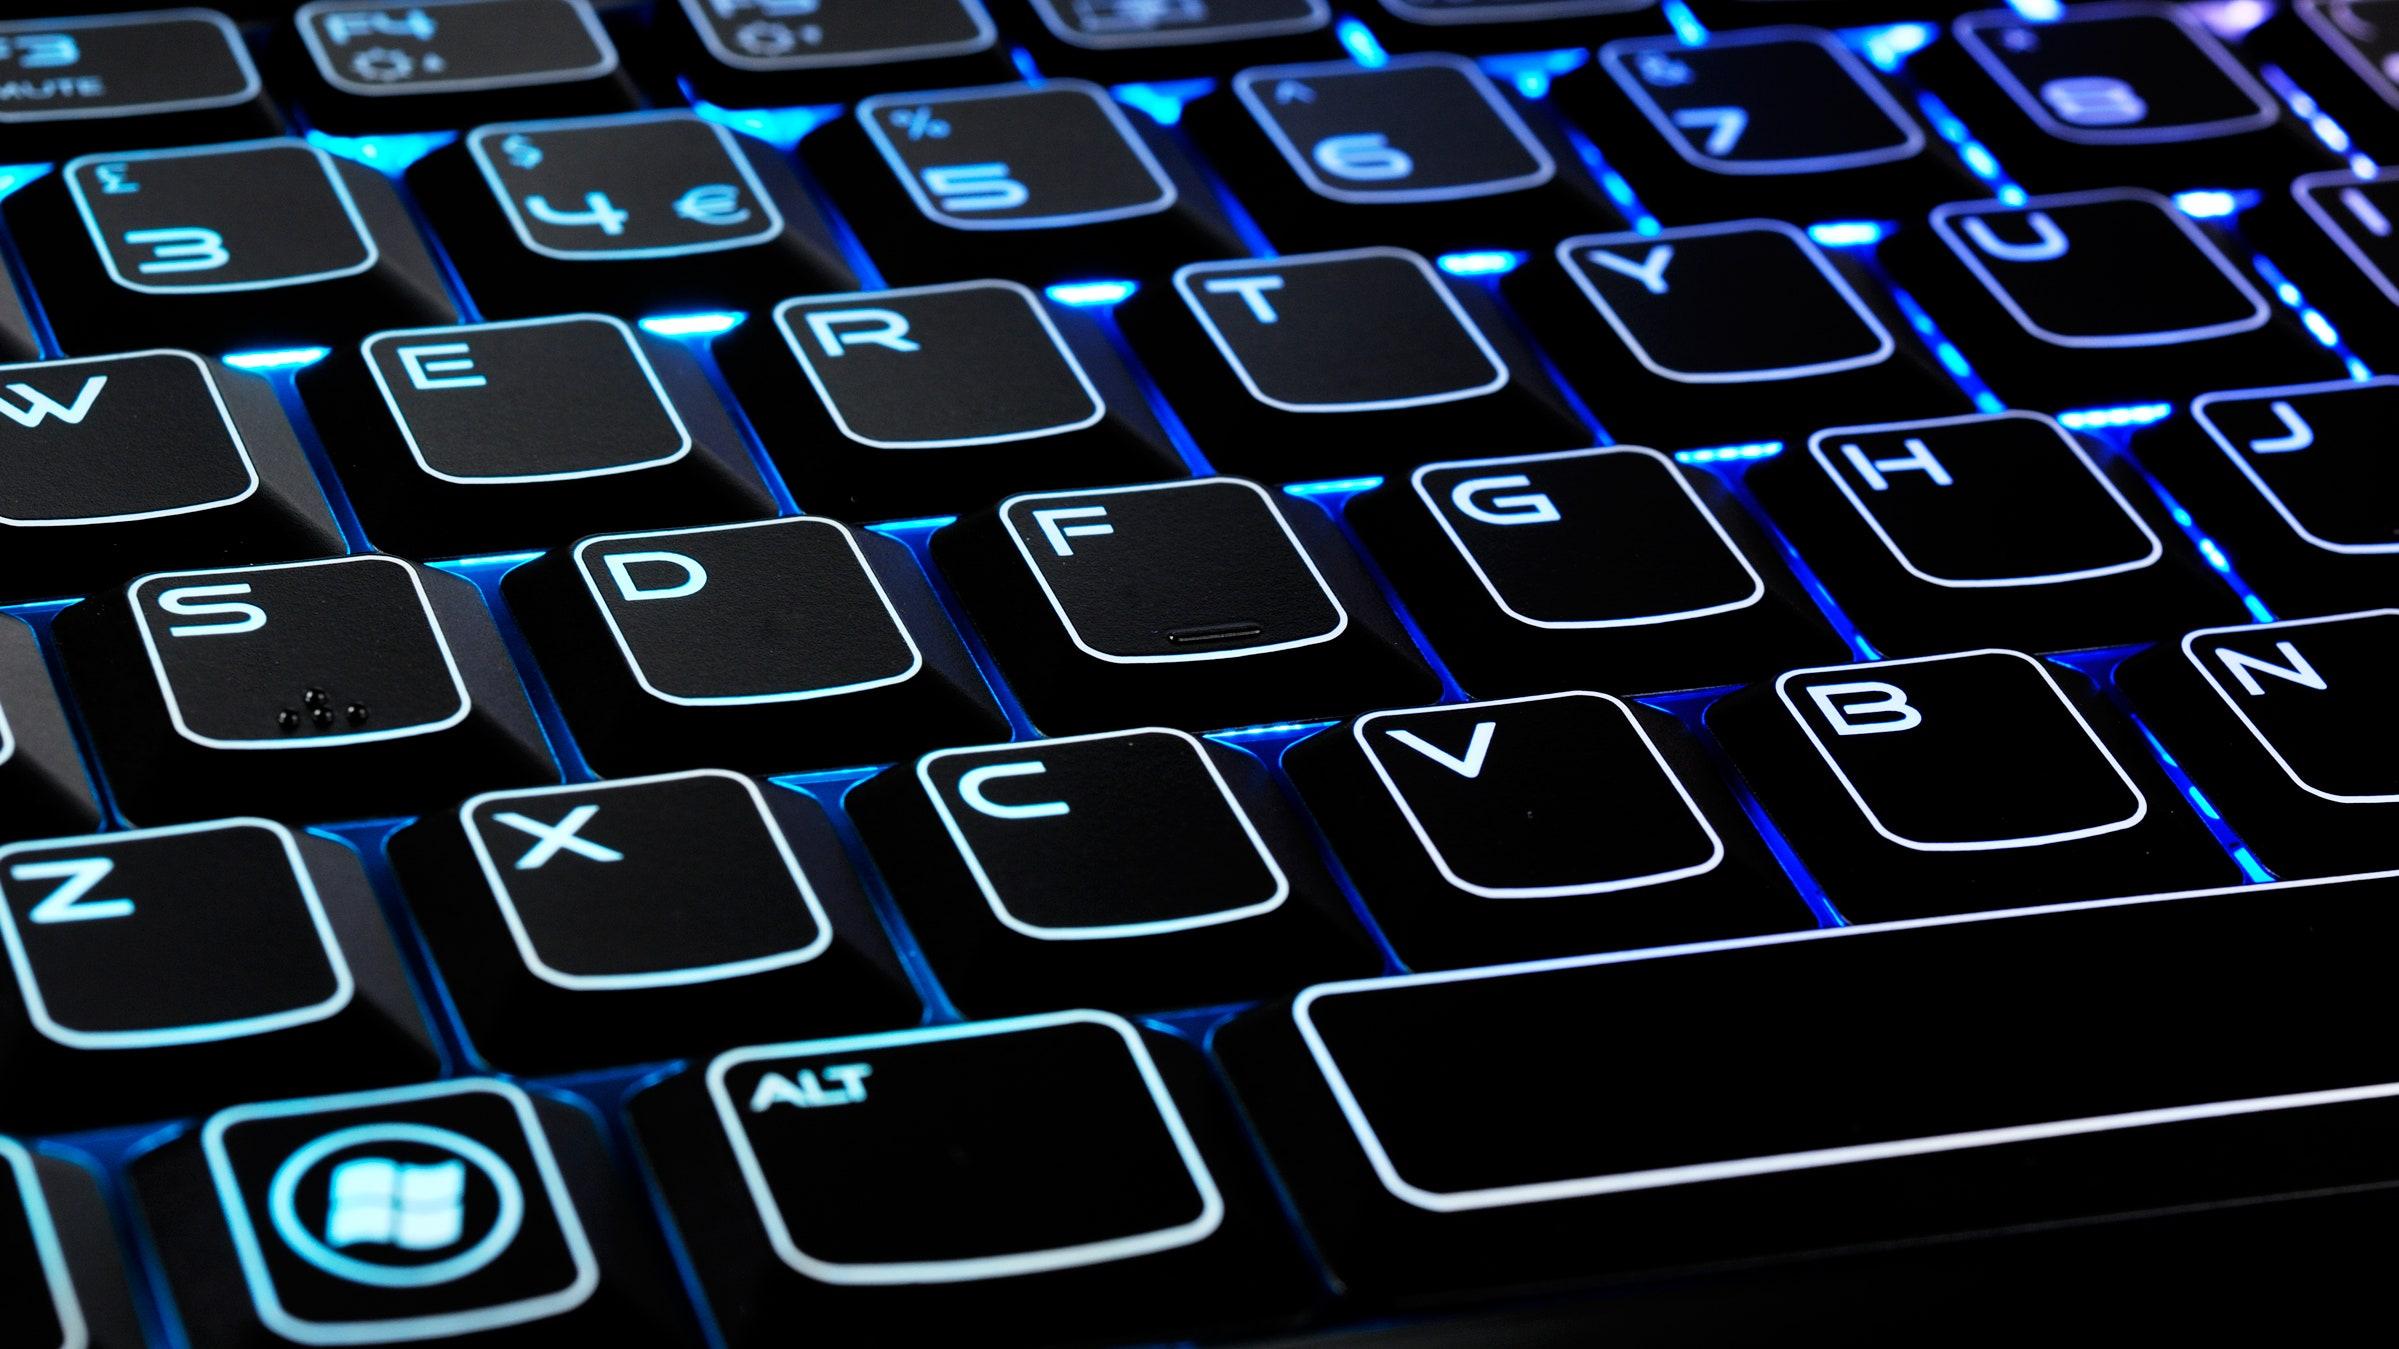 اختصارات لوحة المفاتيح لويندز 10